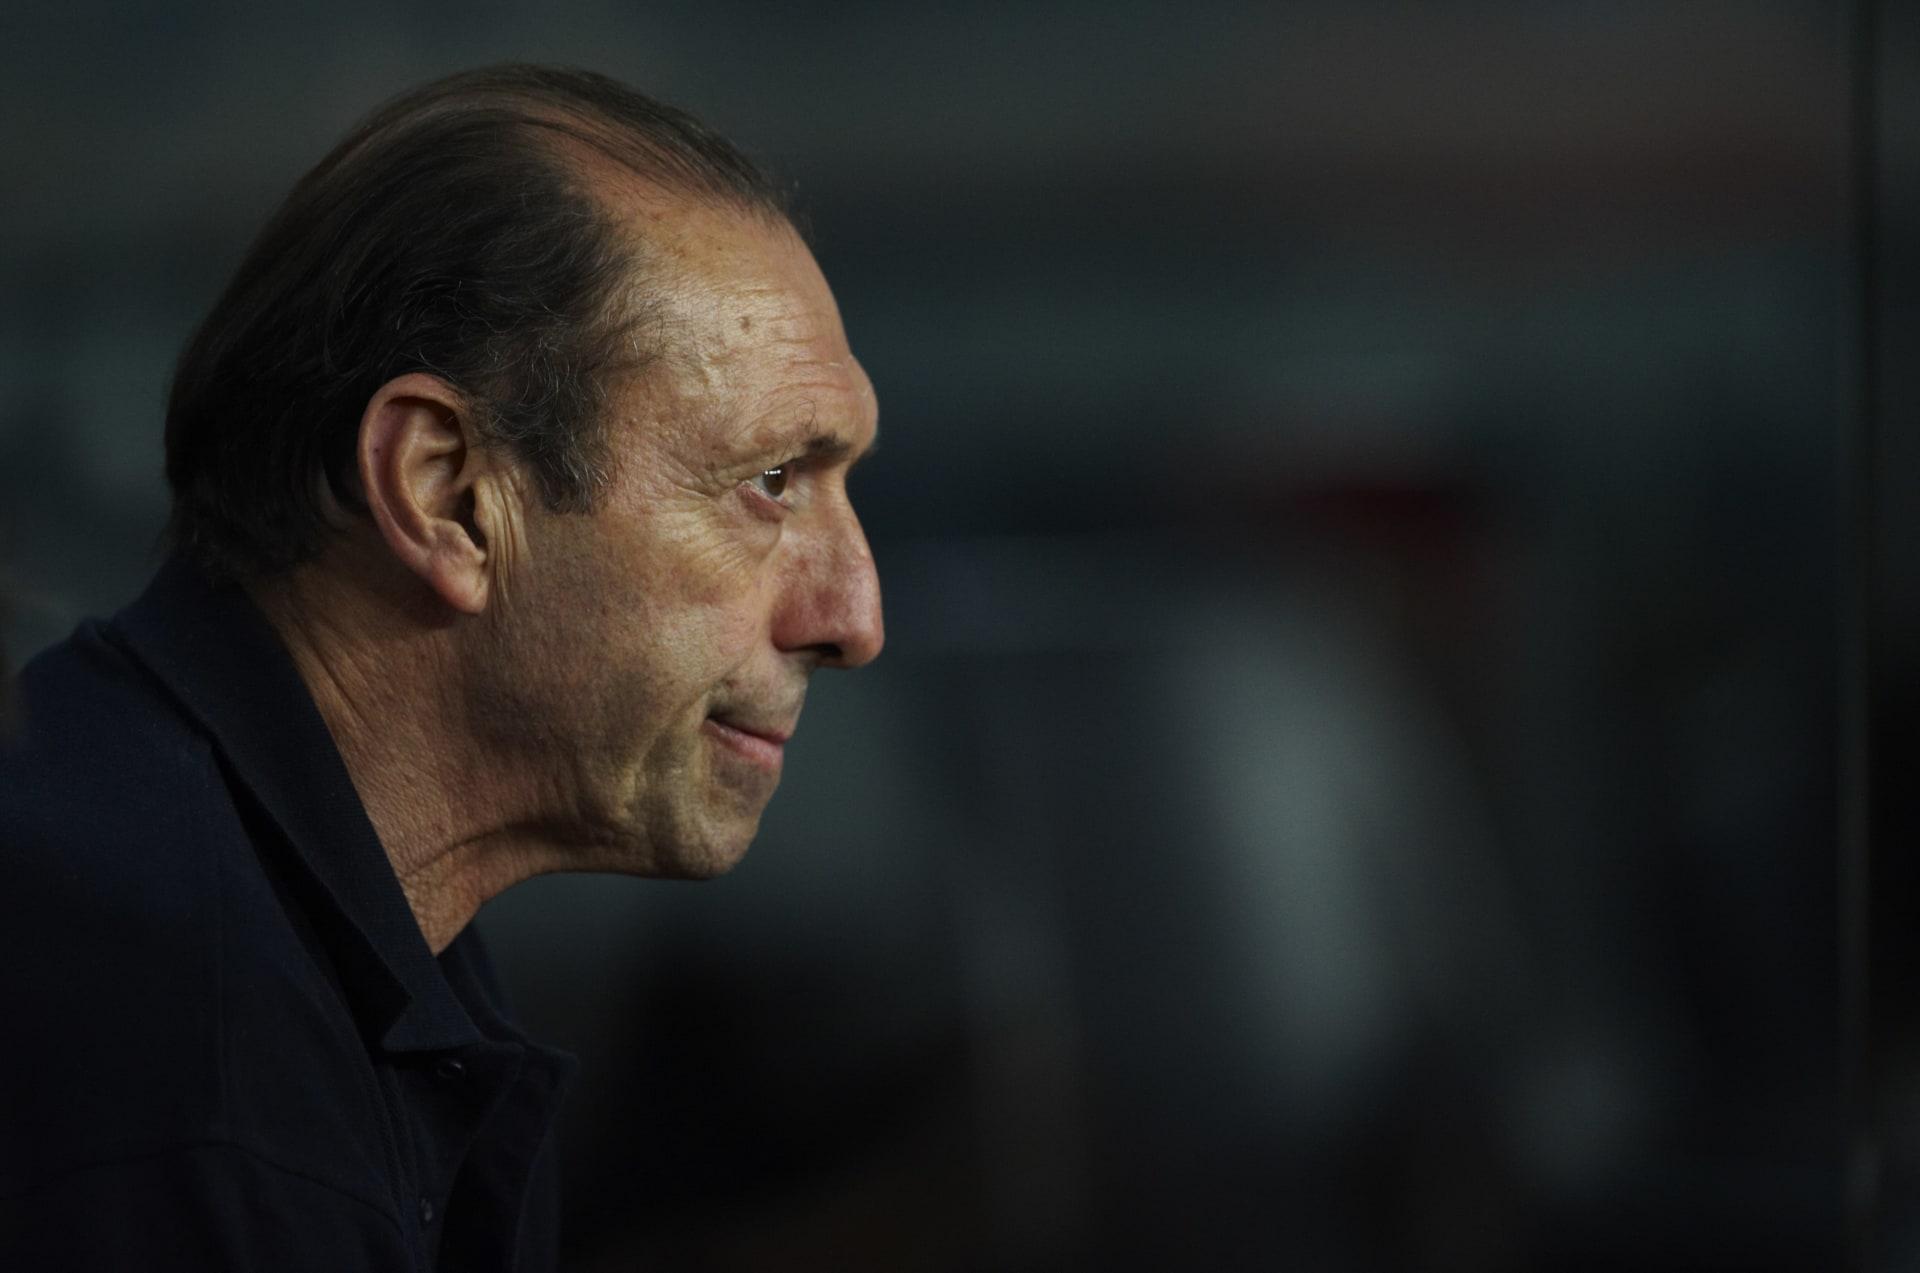 """وفاة لاعب برشلونة الذي خطف من أجل عدم تتويج """"الانفصاليين"""" باللقب"""